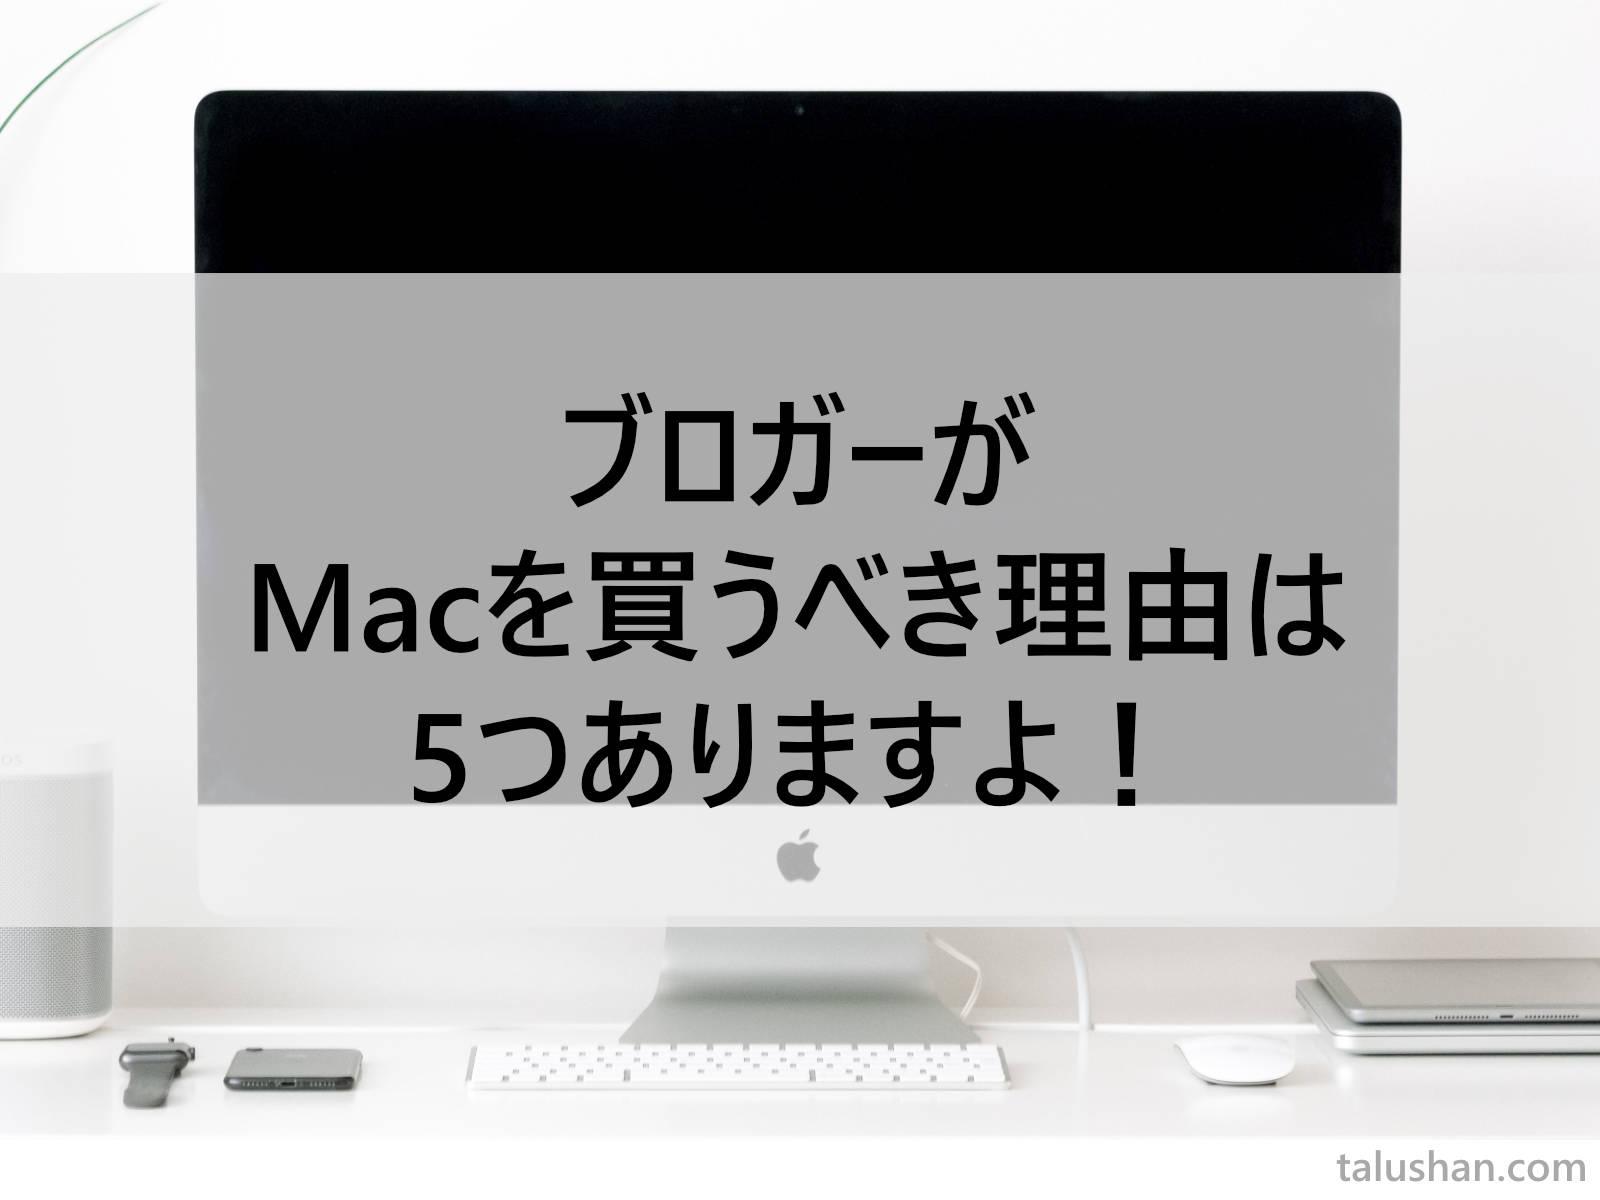 ブロガーがMacを買うべき理由は5つありますよ!